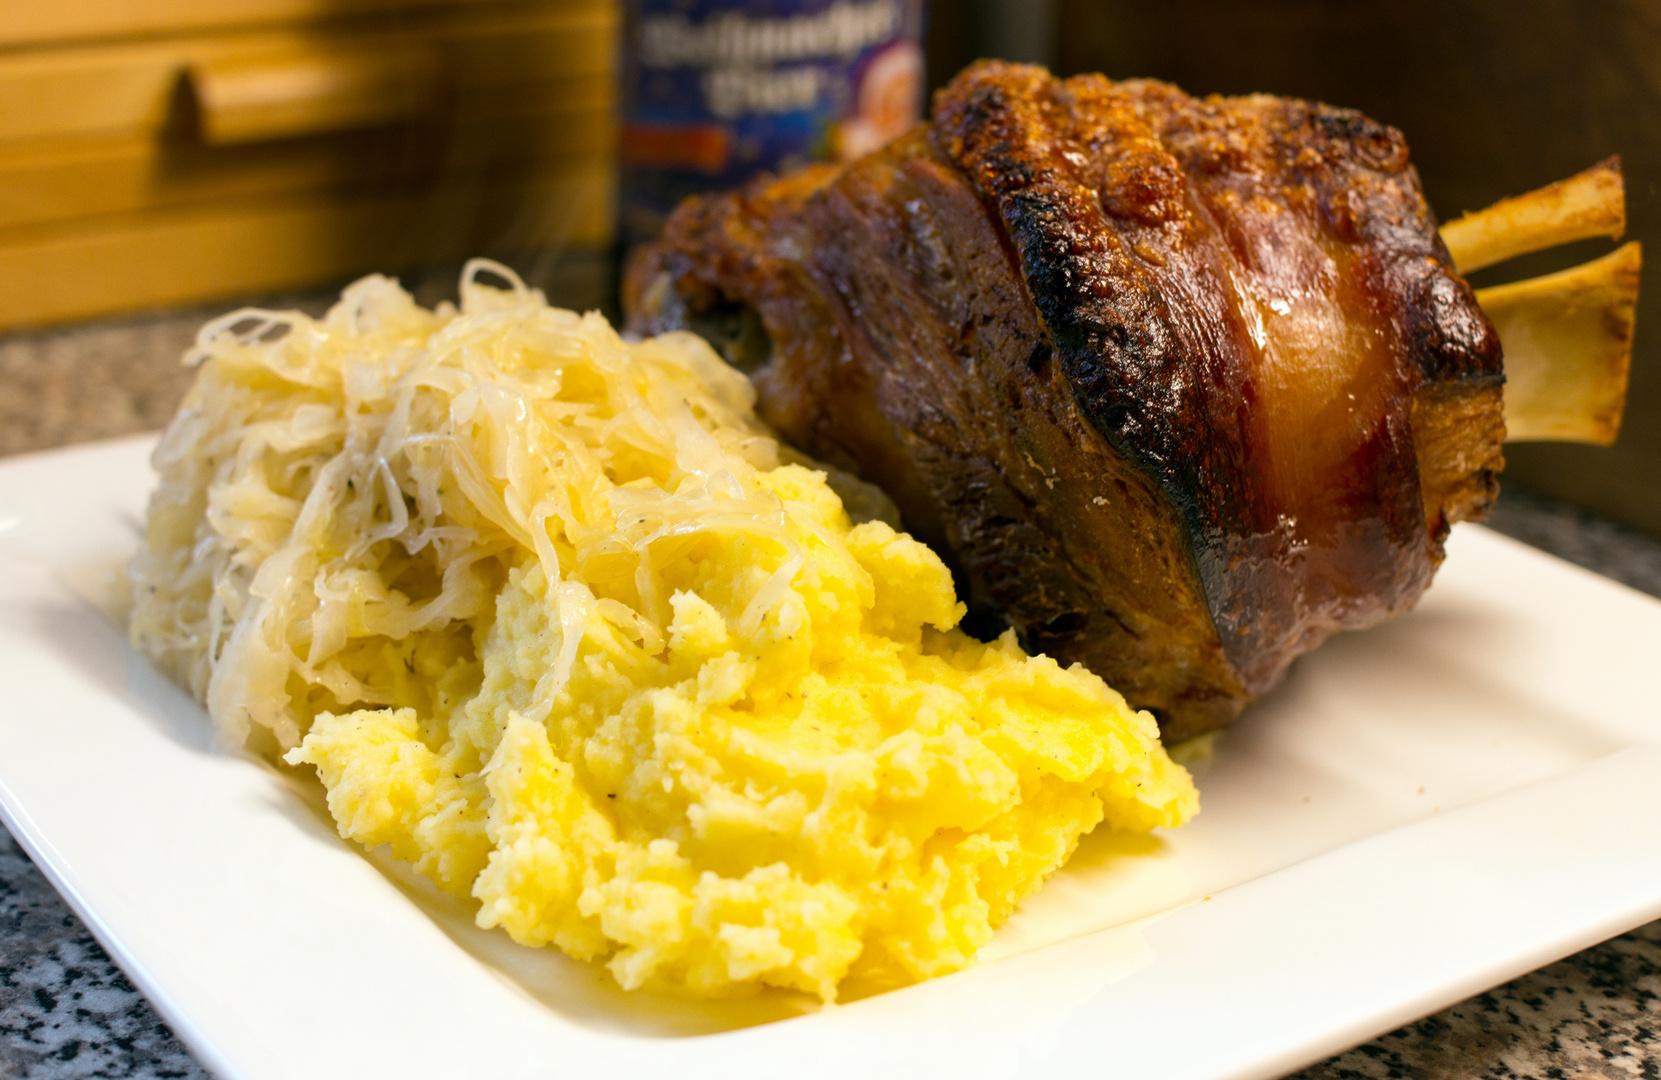 schweinshaxe mit sauerkraut und kartoffelstampf foto bild stillleben essen trinken. Black Bedroom Furniture Sets. Home Design Ideas